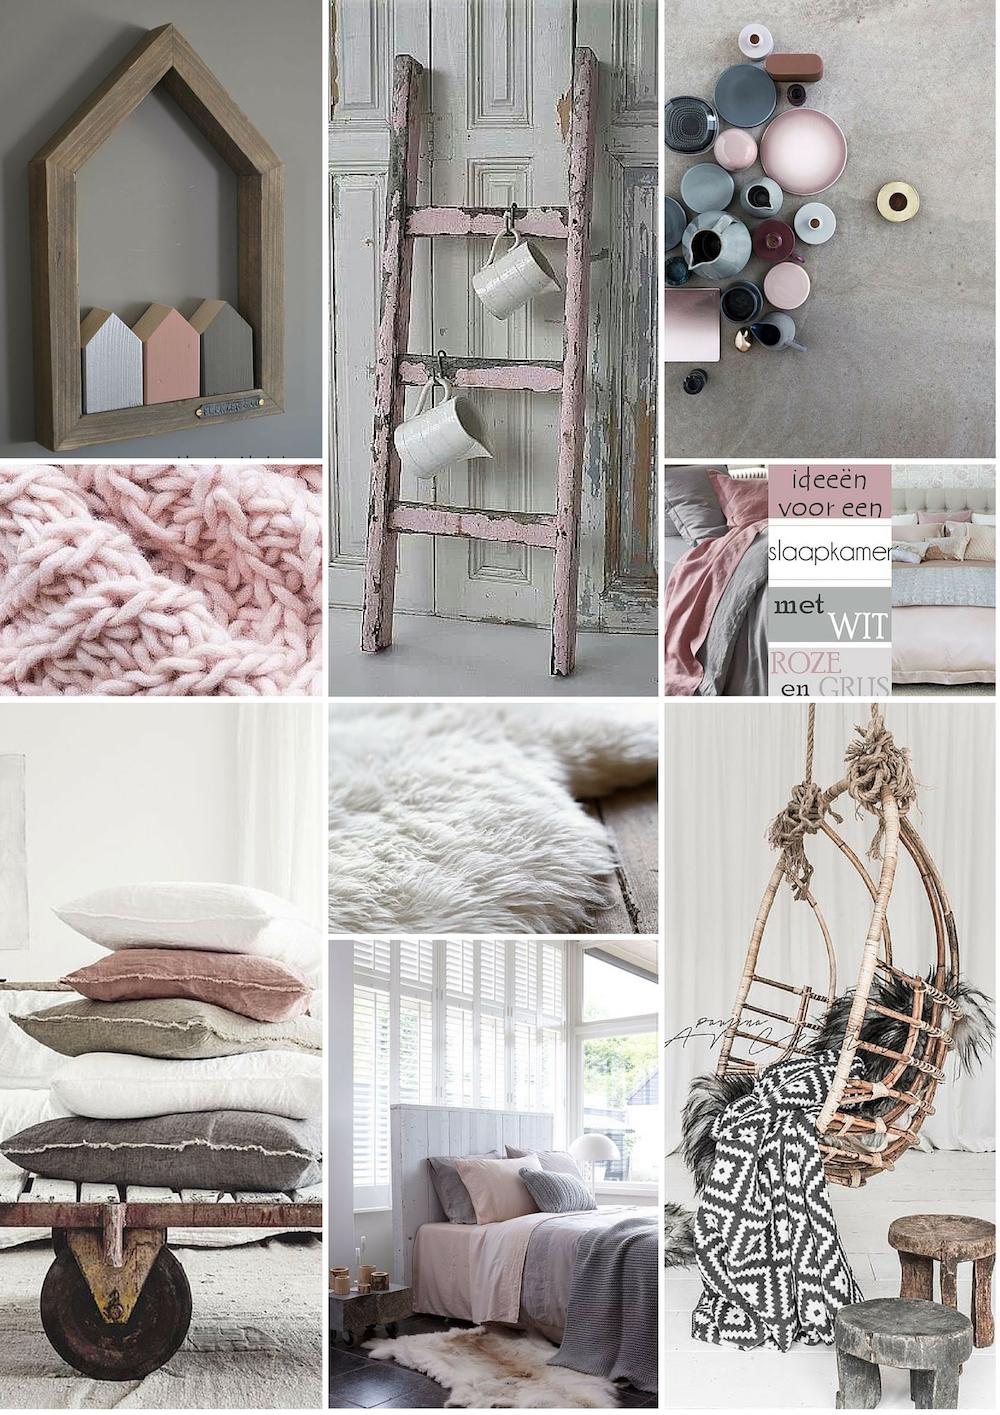 Hippe meiden slaapkamer for - Volwassen kamer schilderij idee ...